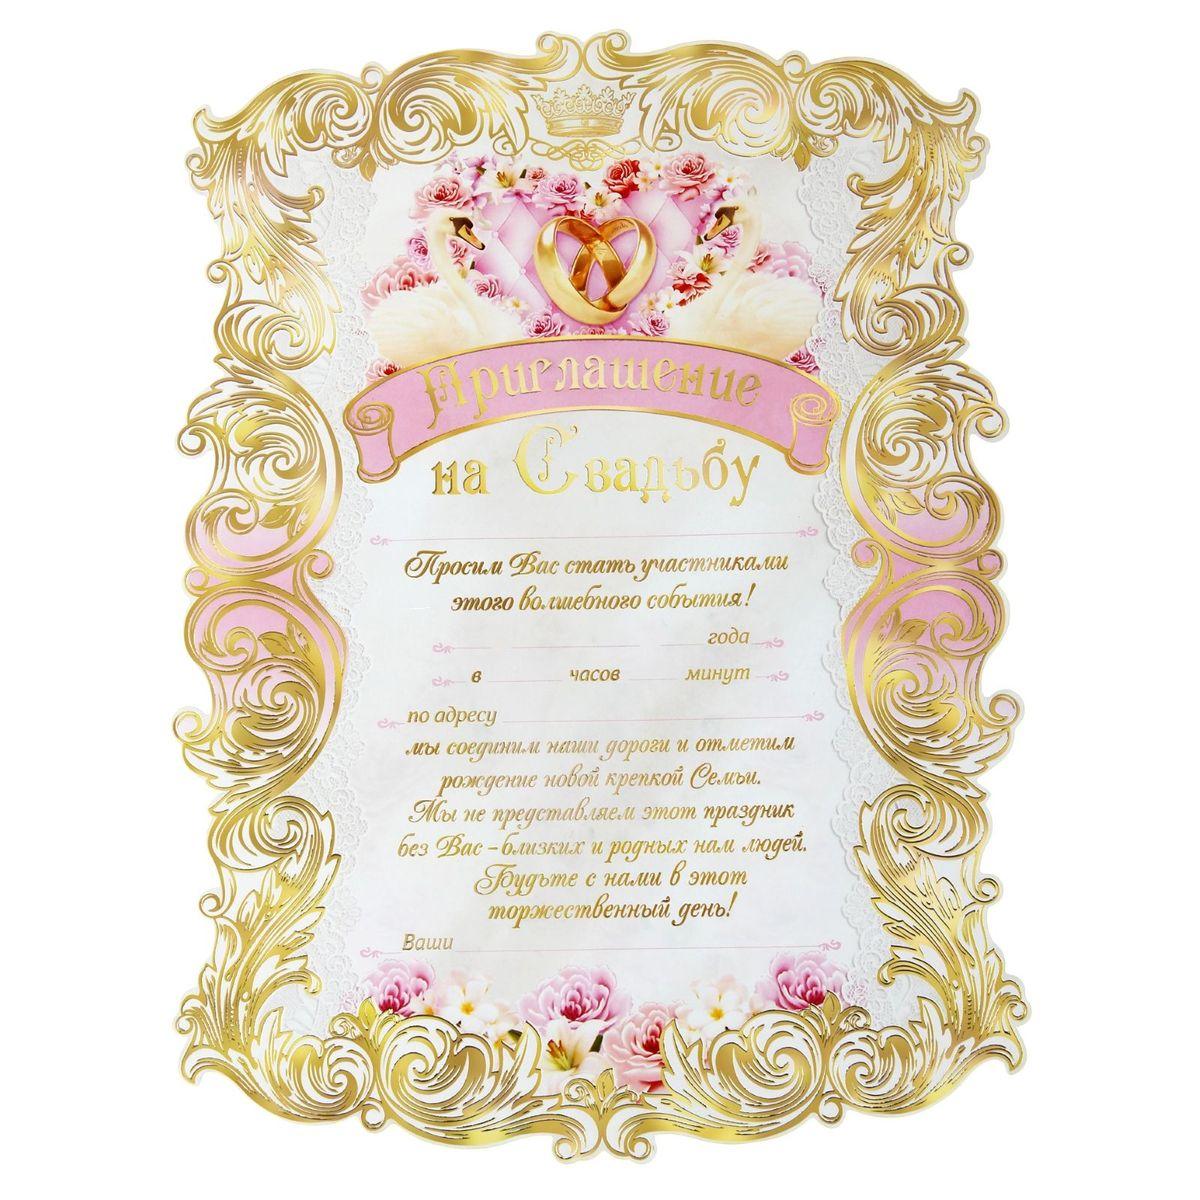 Свадебные приглашения-свитки Sima-land Лебеди, 0,2 x 17,4 x 24,2 см143338Традиции свадебного обряда уходят корнями в далекое прошлое, когда многие важные документы, приказы, указы, послания передавались в форме свитков. Добавить оригинальность и показать верность традициям поможет свадебные приглашения-свитки Лебеди. Разработанное дизайнерами специально для вашей свадебной церемонии приглашение подчеркнёт важность торжества. Открытка имеет неповторимую резную форму. В комплект входит милая ленточка с сердцем. Нежные цвета, традиционные свадебные мотивы и орнамент подойдут к любому стилю, в котором планируется оформить свадьбу. Внутри свитка — текст приглашения с тёплыми словами для адресата. Дизайнеры продумали все детали. Вам остаётся заполнить необходимые строки и раздать гостям. Устройте незабываемую свадьбу!